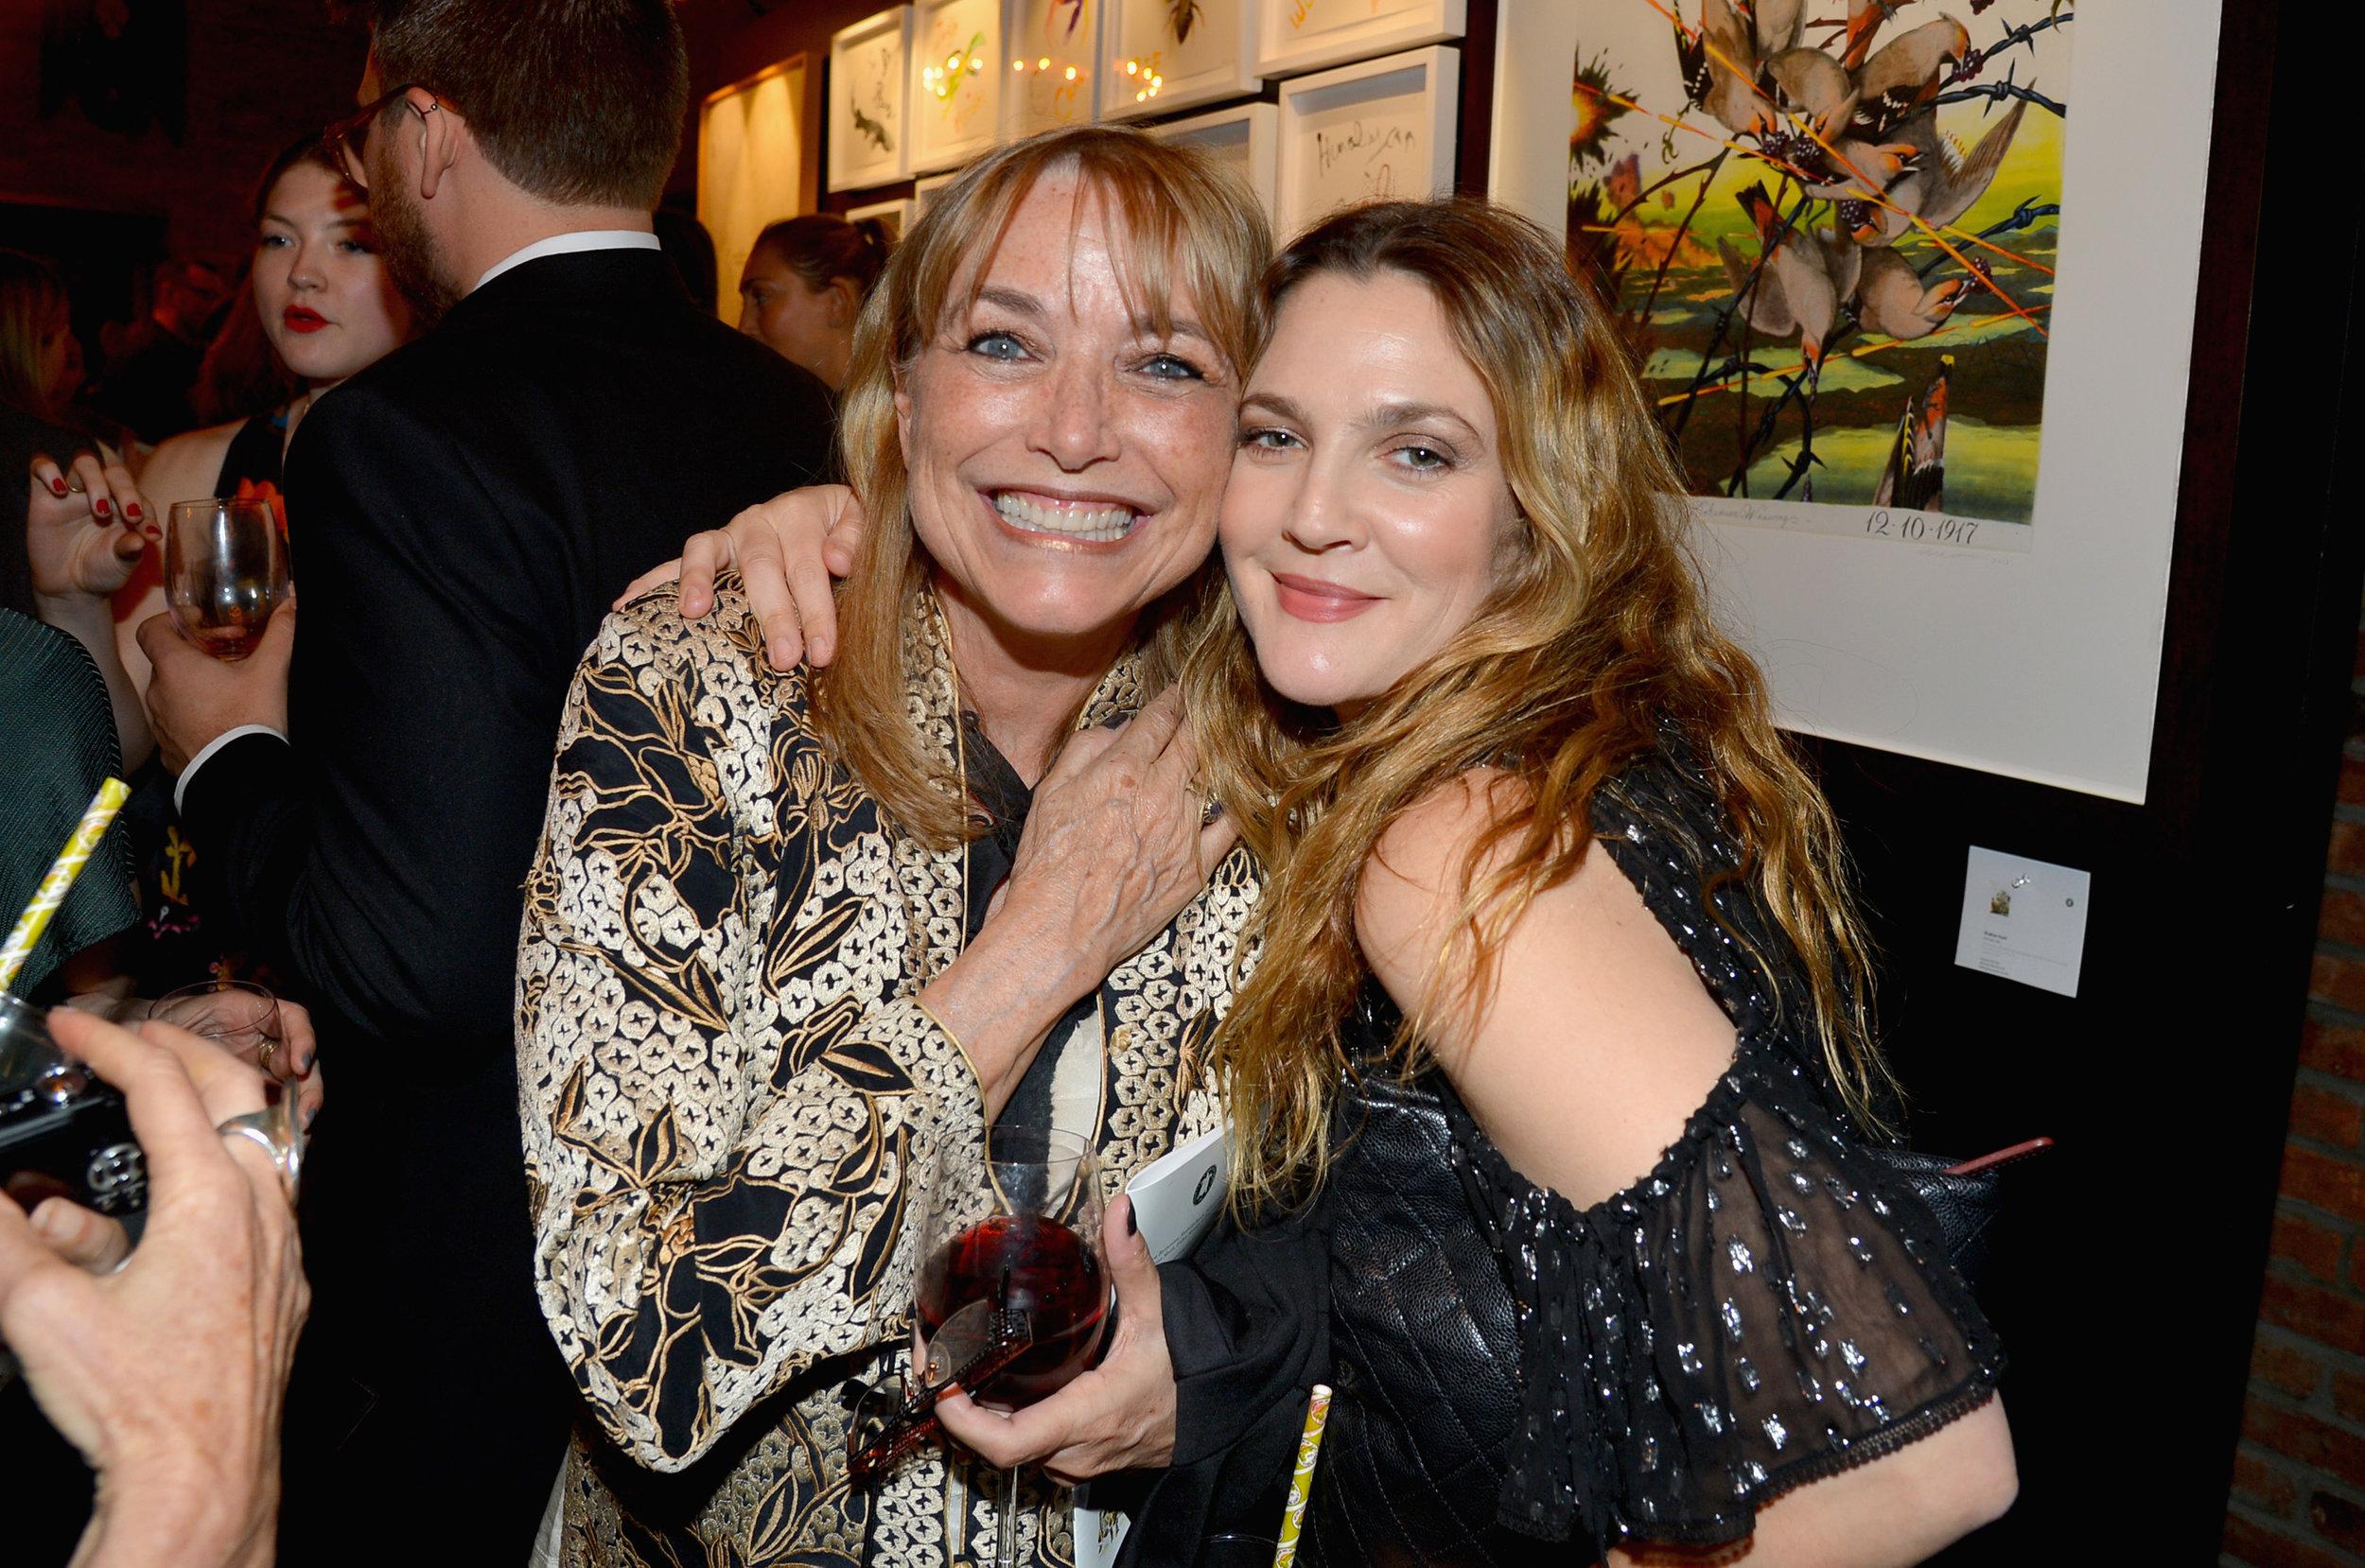 Karen Allen and Drew Barrymore